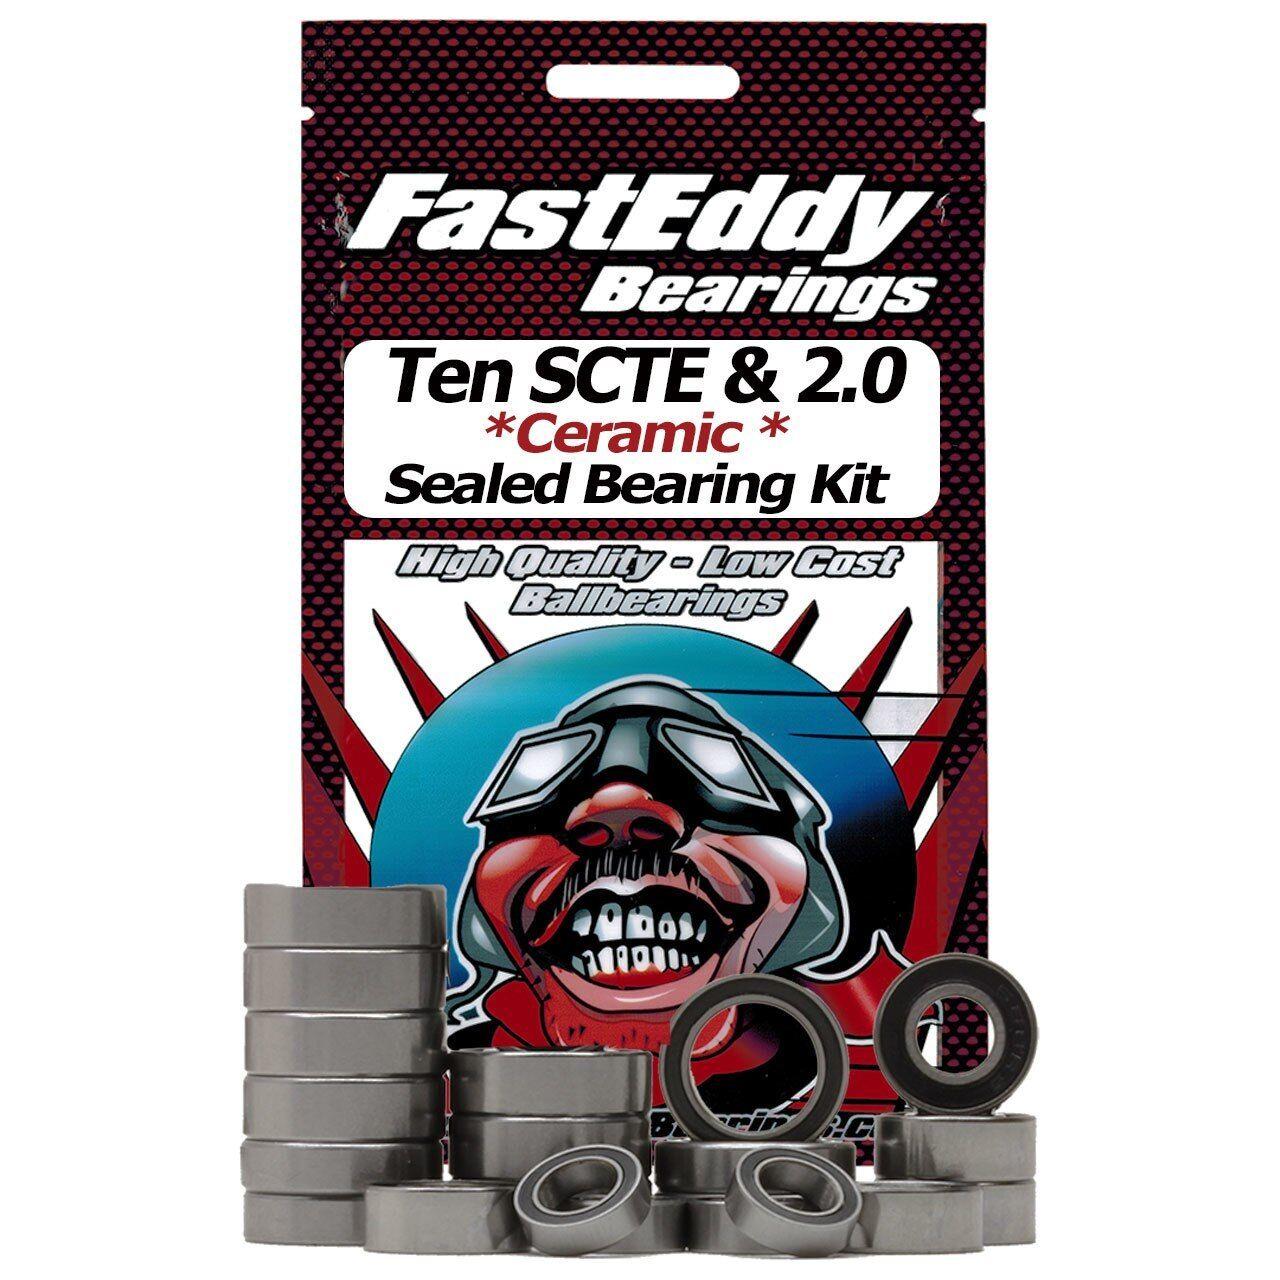 Squadra  FastEddy Fast Eddy Losi Ten SCTE & 2.0 Ceramic Sealed orsoing Kit  divertiti con uno sconto del 30-50%